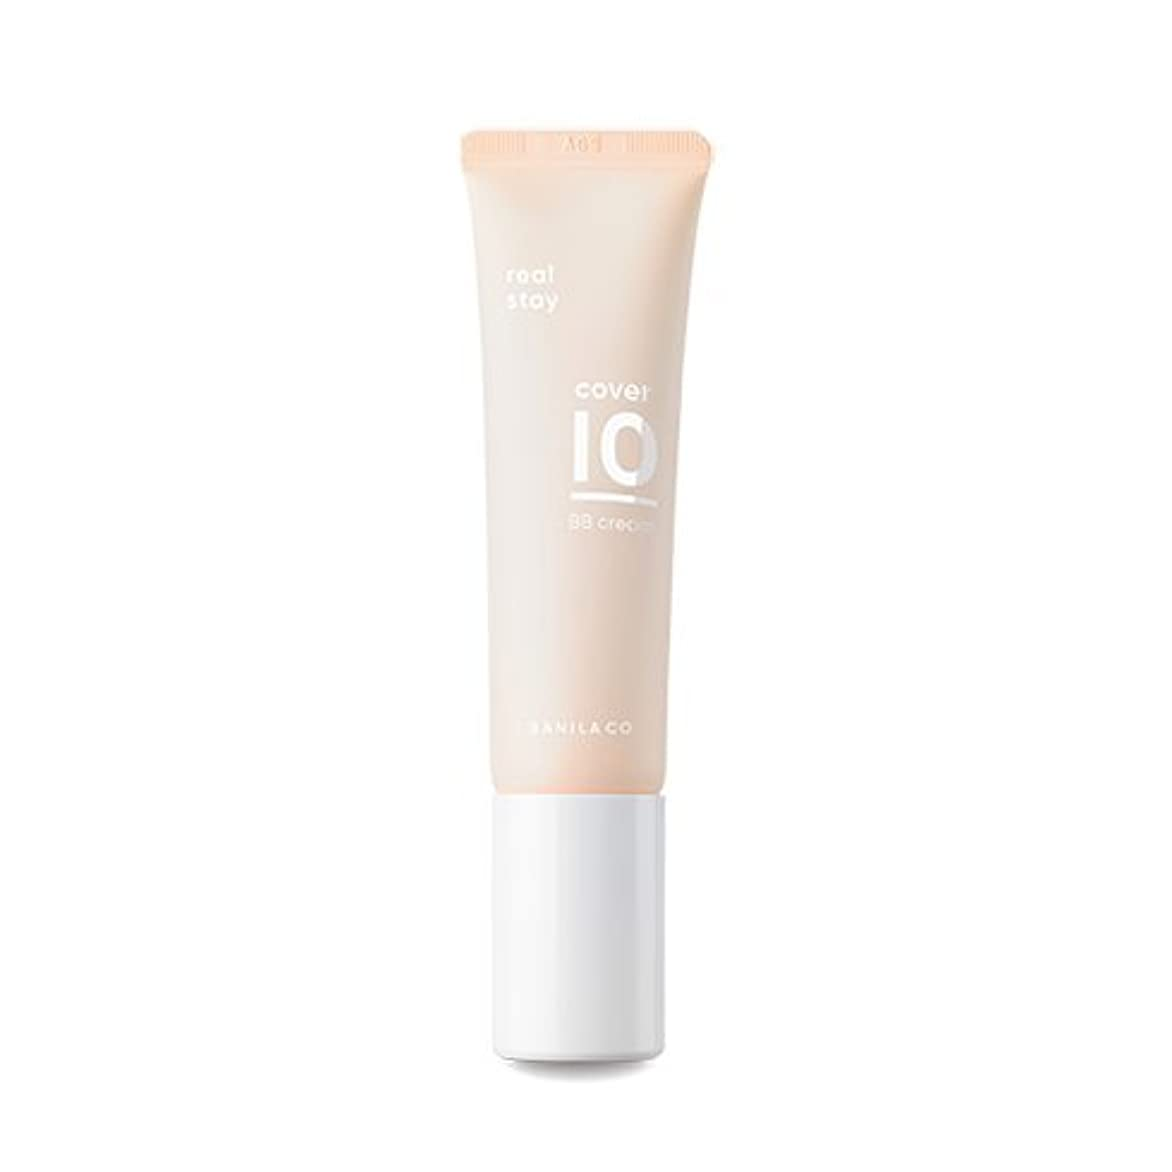 面積所有者書き込み[Renewal] BANILA CO Cover 10 Real Stay BB Cream 30ml/バニラコ カバー 10 リアル ステイ BBクリーム 30ml (#Natural Beige) [並行輸入品]